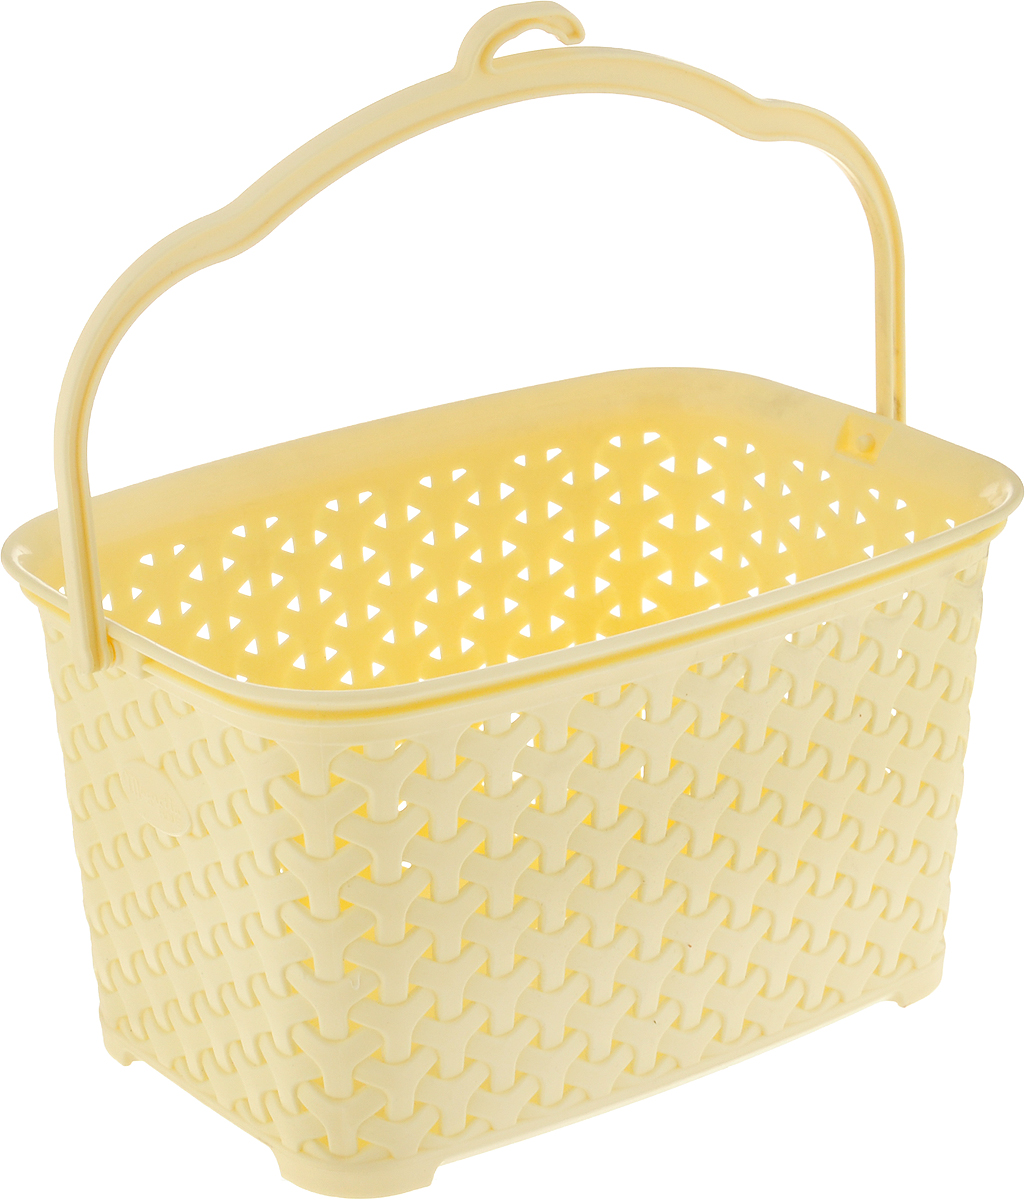 Корзина для прищепок Magnolia Home, цвет: светло-желтый, 3 л корзина для прищепок росспласт